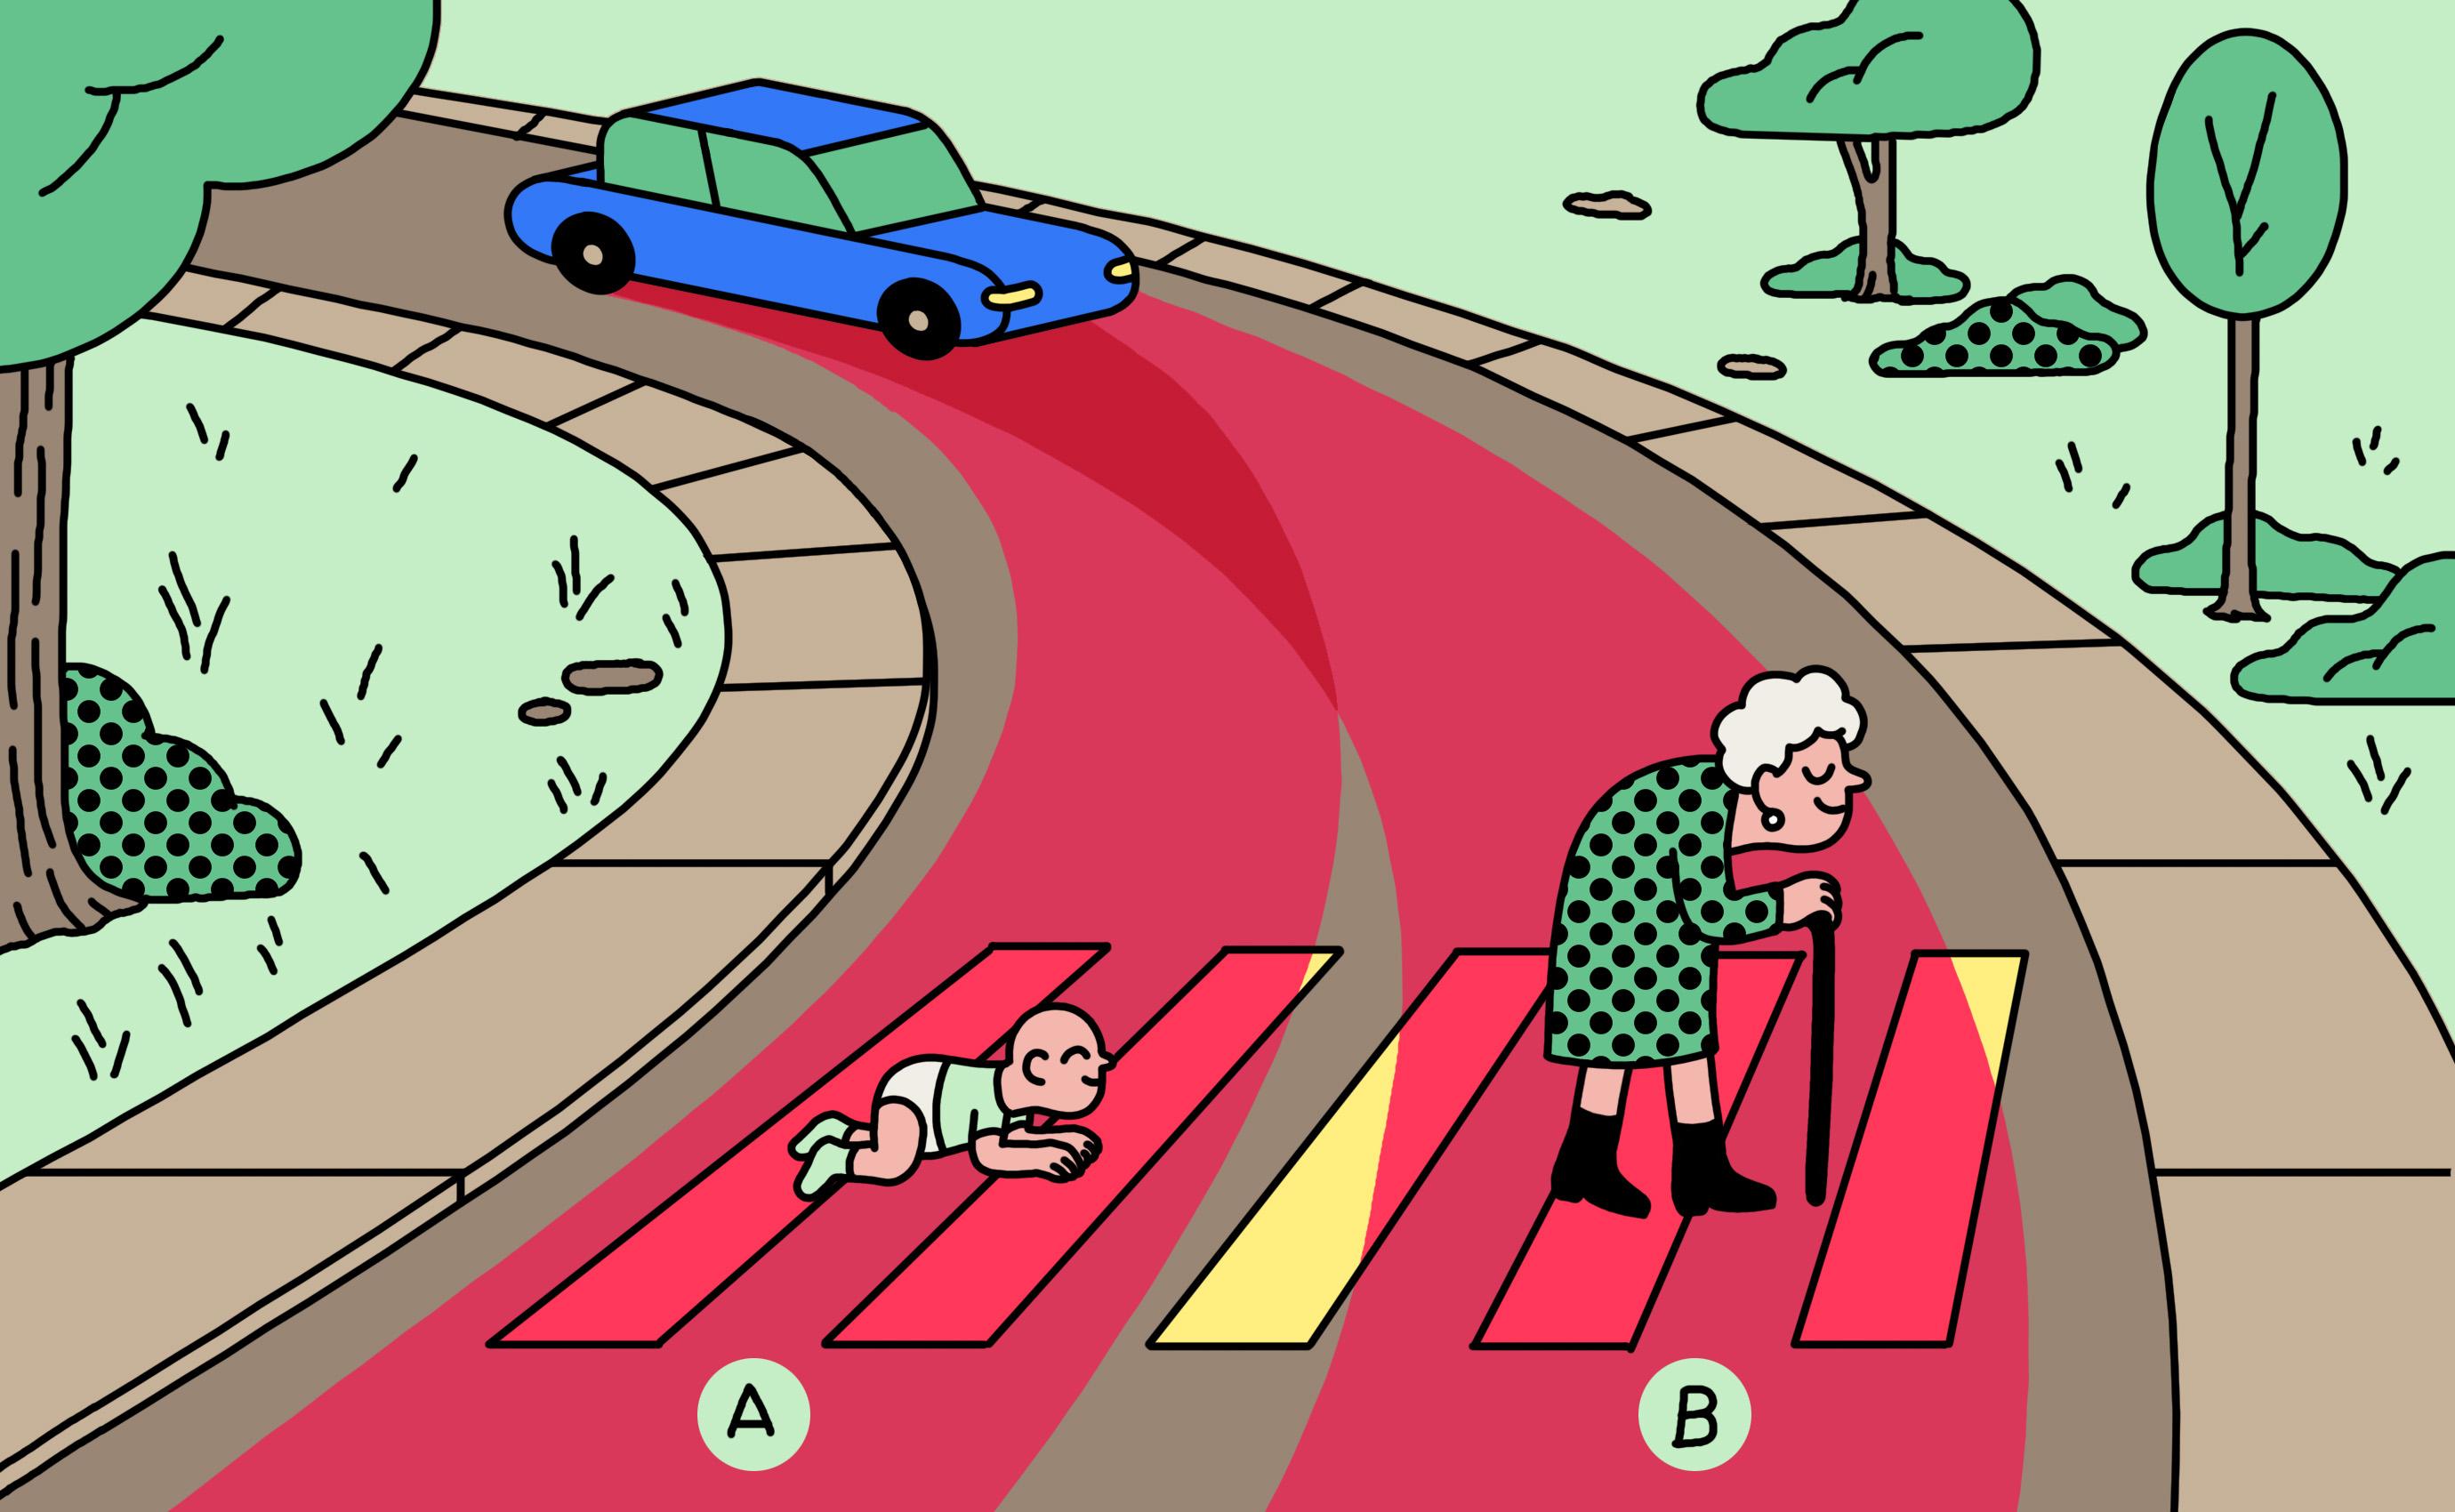 ¿Matar a un anciano o a un bebé? La ética del coche autónomo depende del país